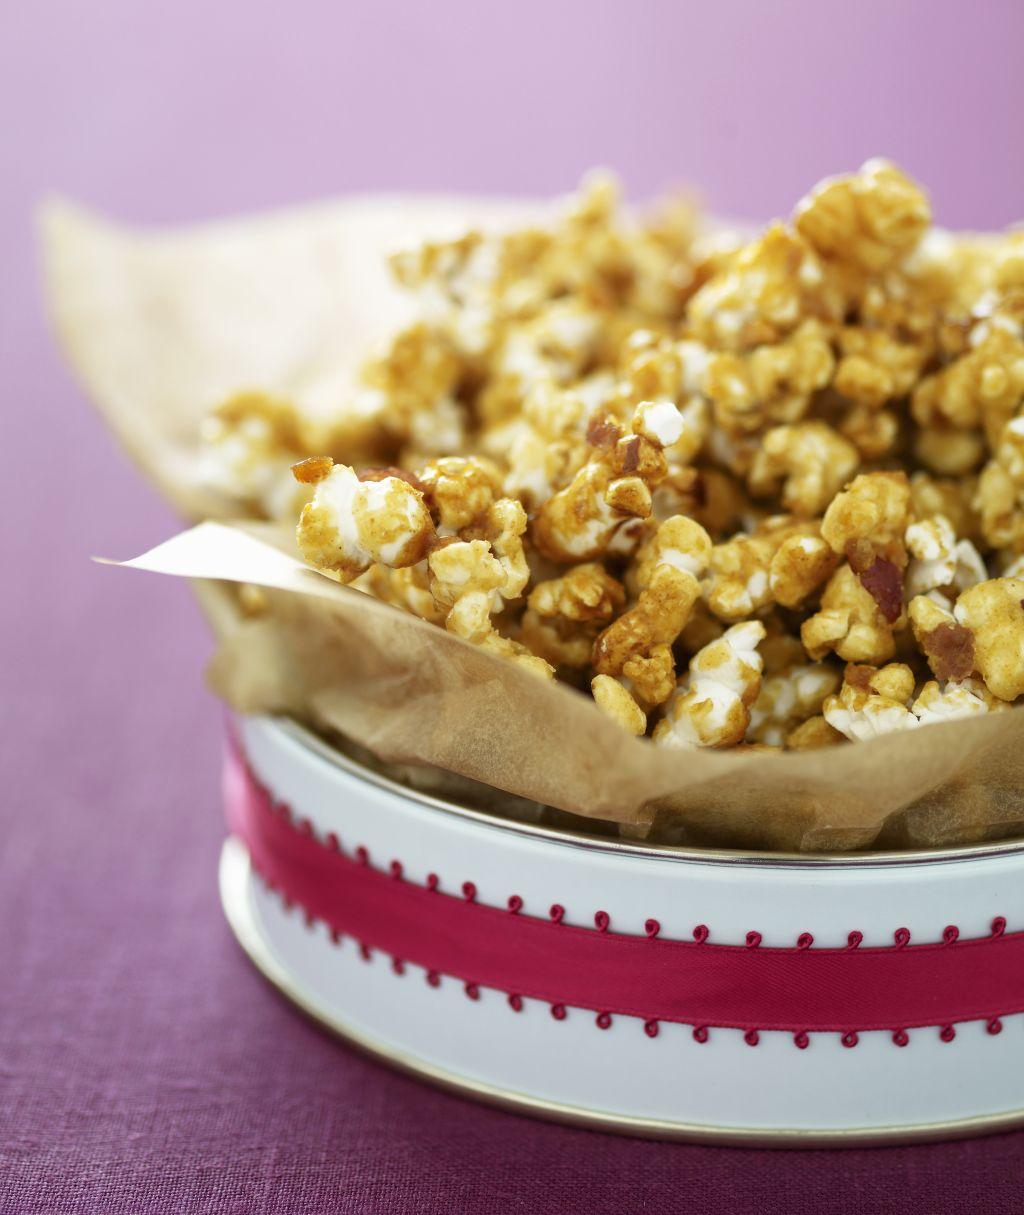 Gift of homemade caramel popcorn